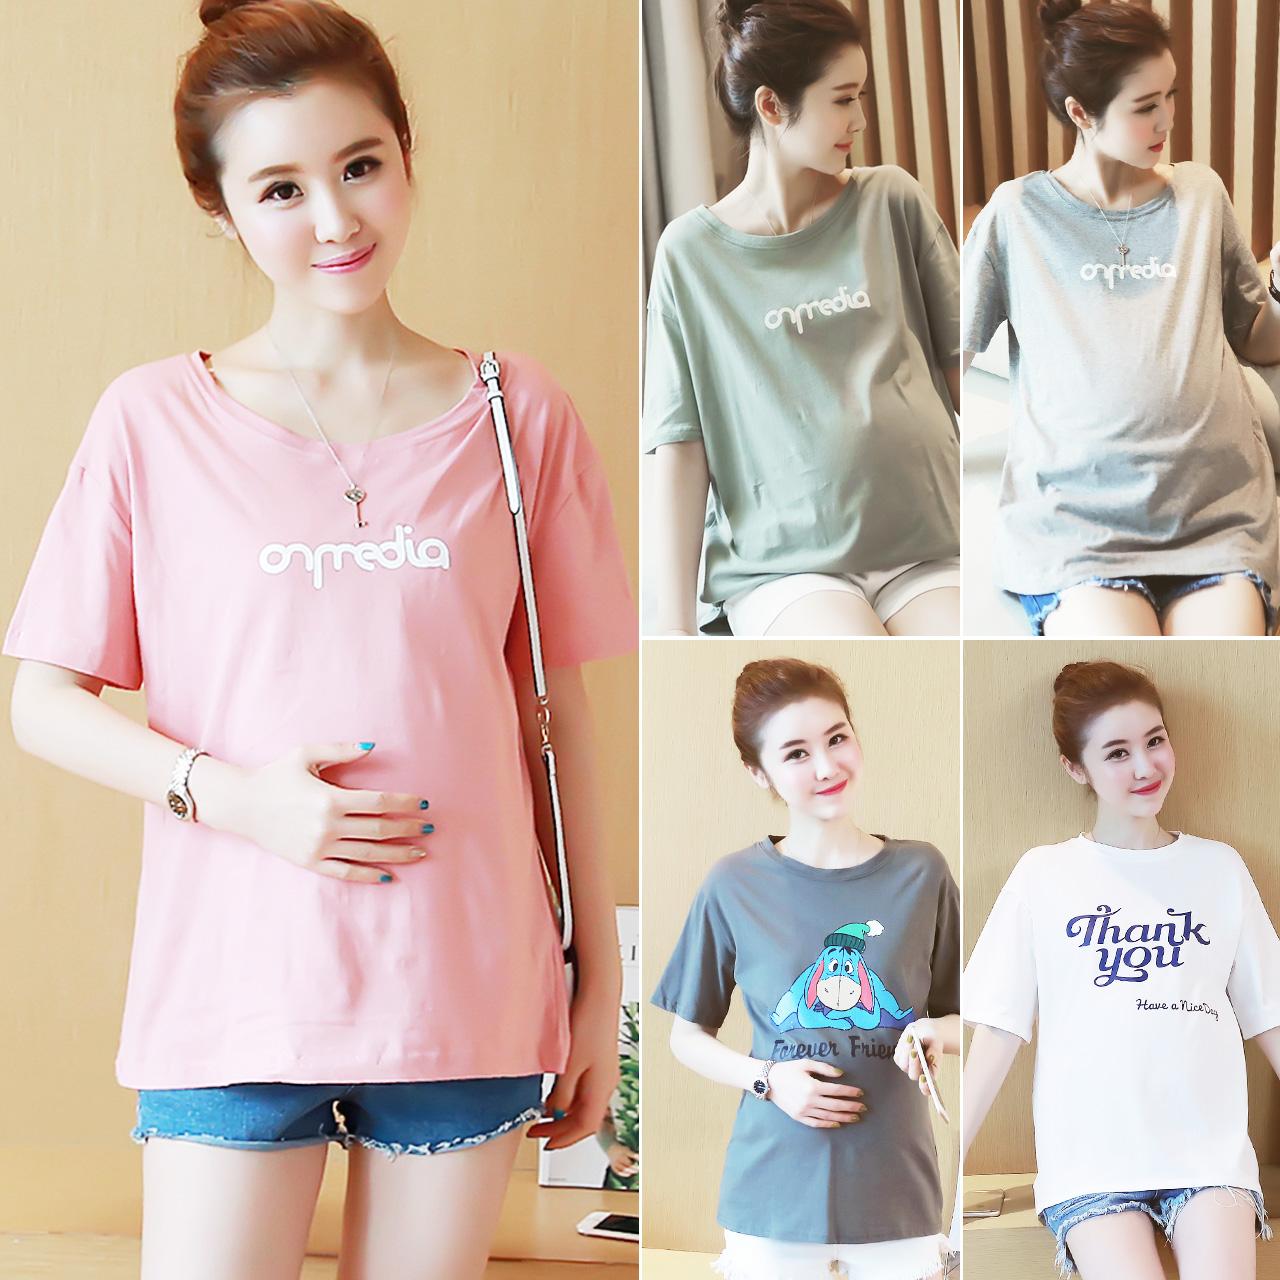 11月30日最新优惠孕妇装春夏装孕妇短款纯棉短袖t恤